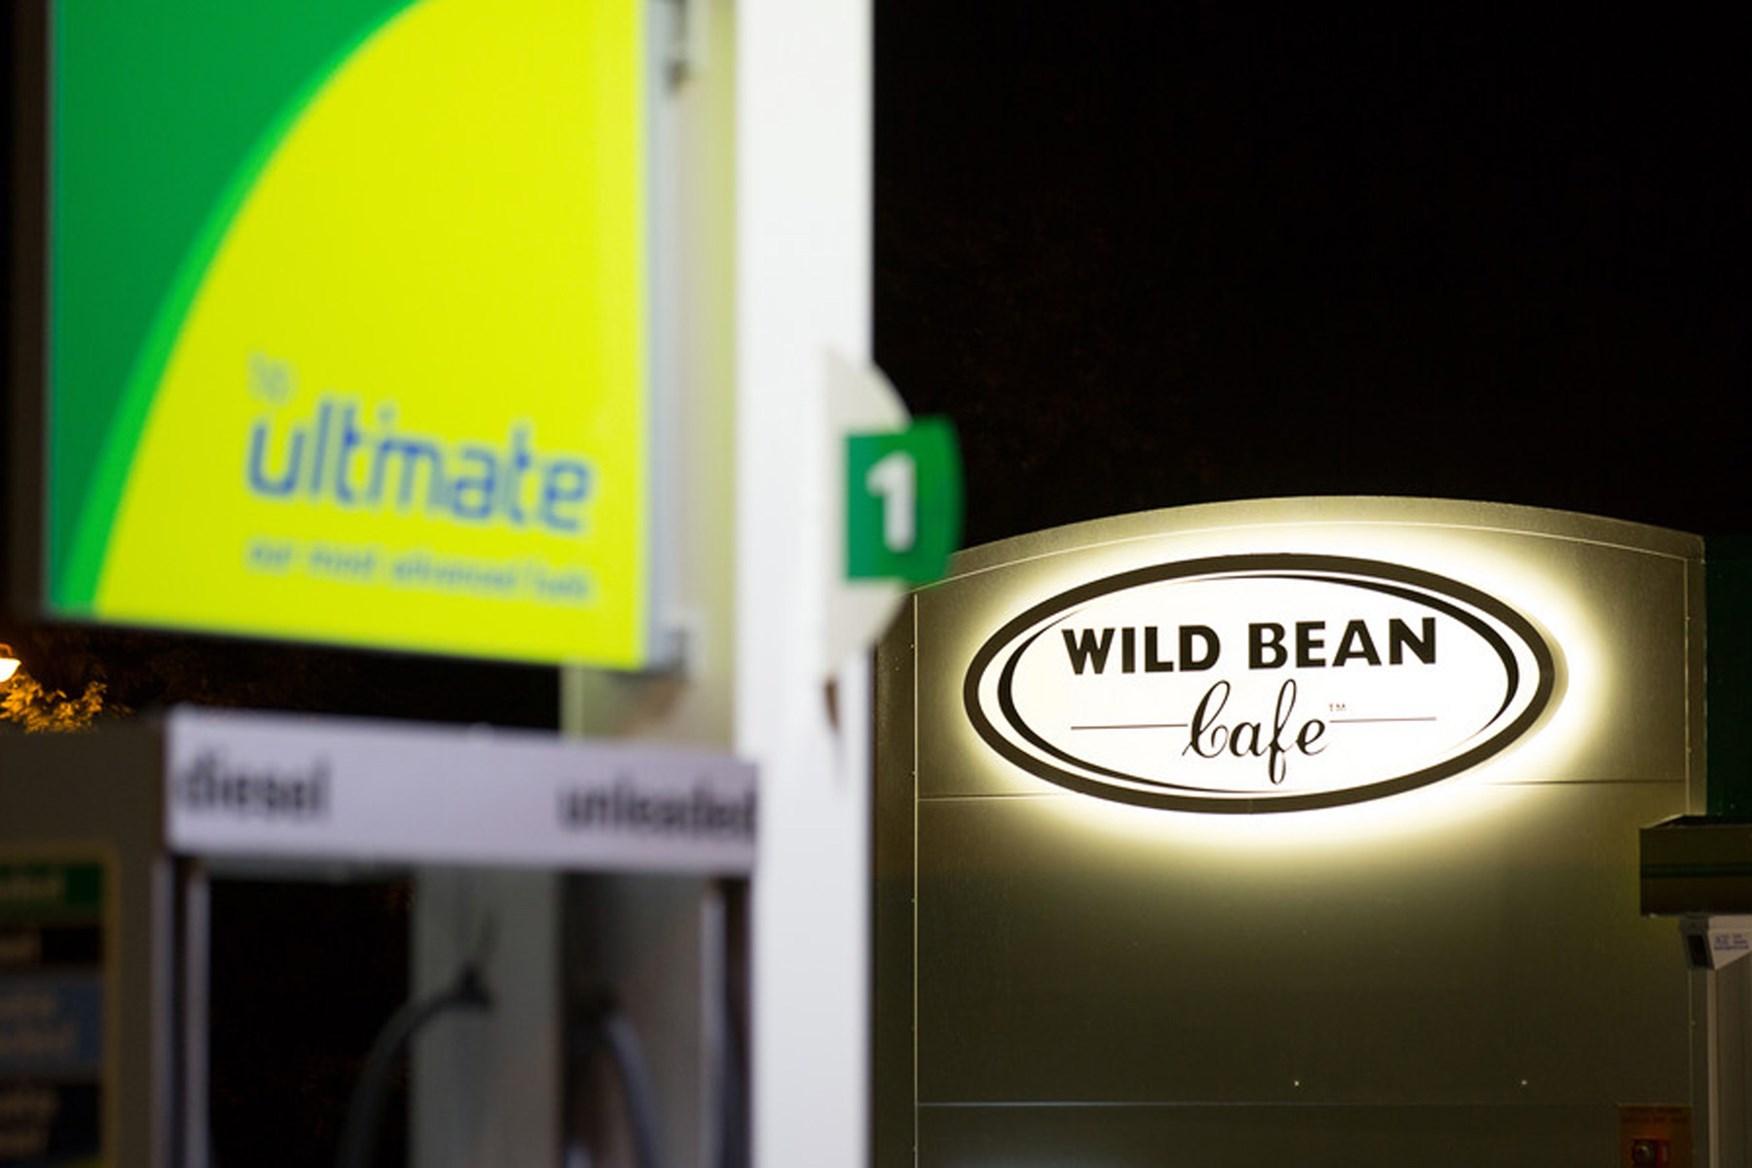 A BP Wild Bean Cafe